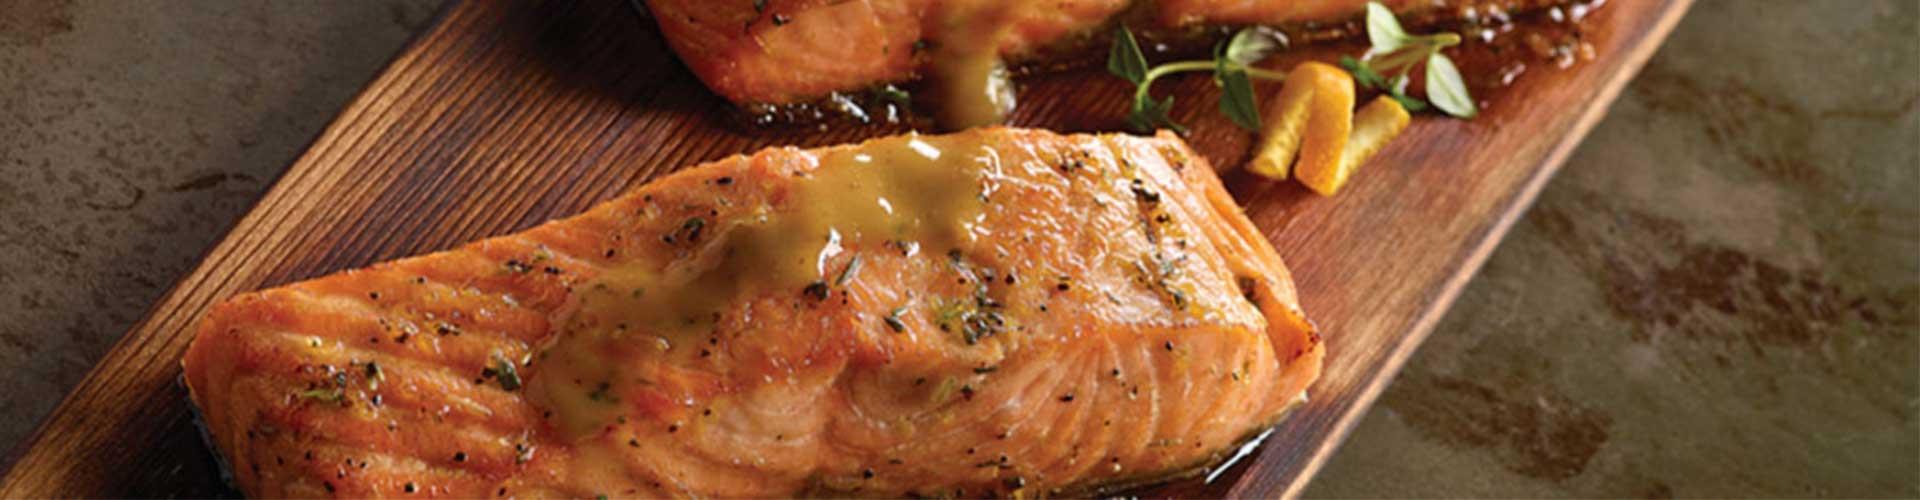 Cedar Planked Salmon with Honey Glaze